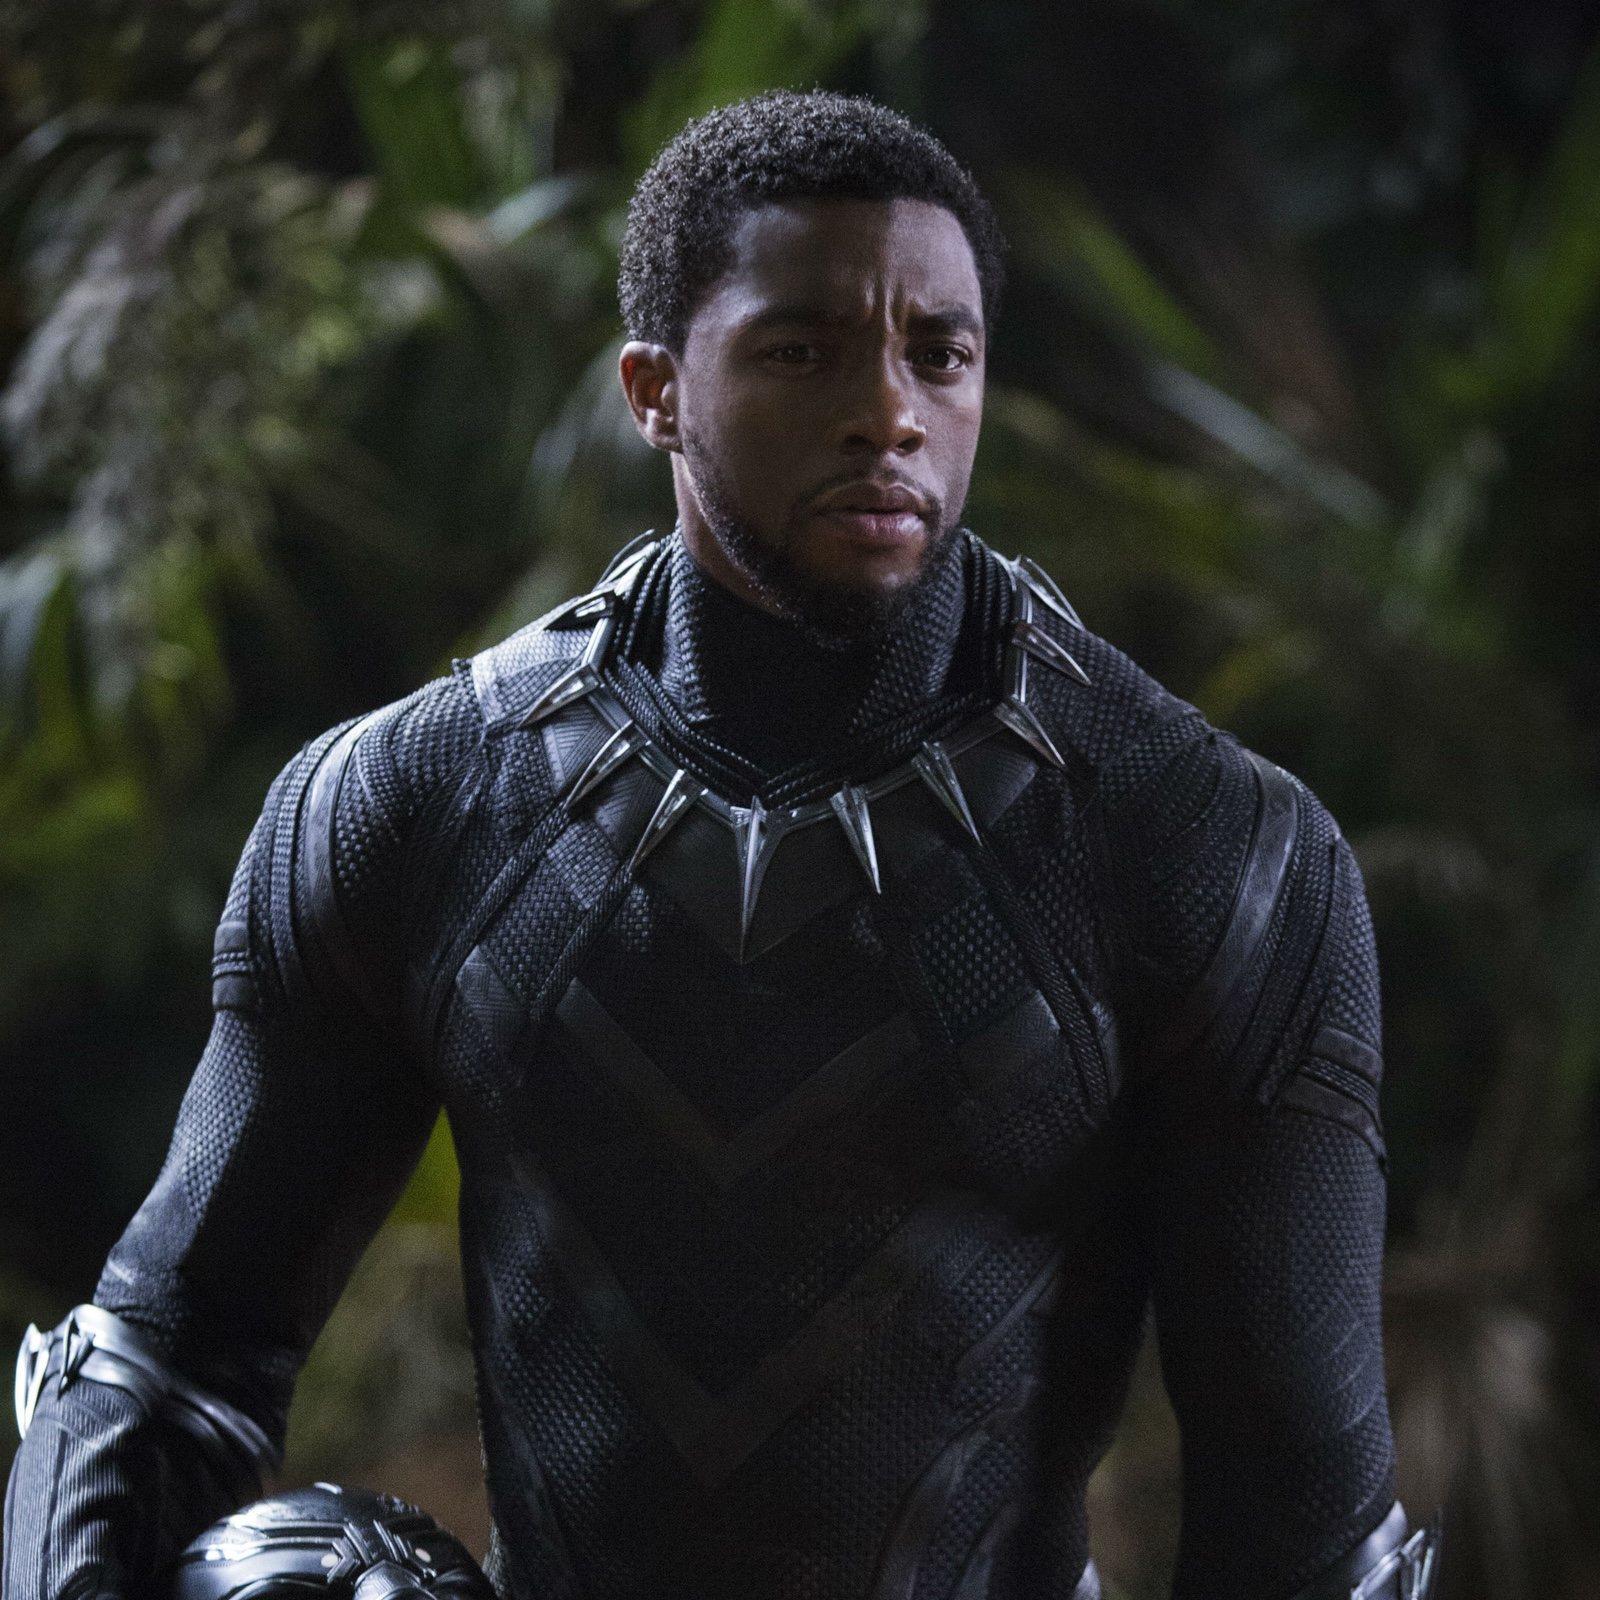 Actor Porno Que Parece Un Niño un actor de 'black panther' pide perdón por su pasado en el